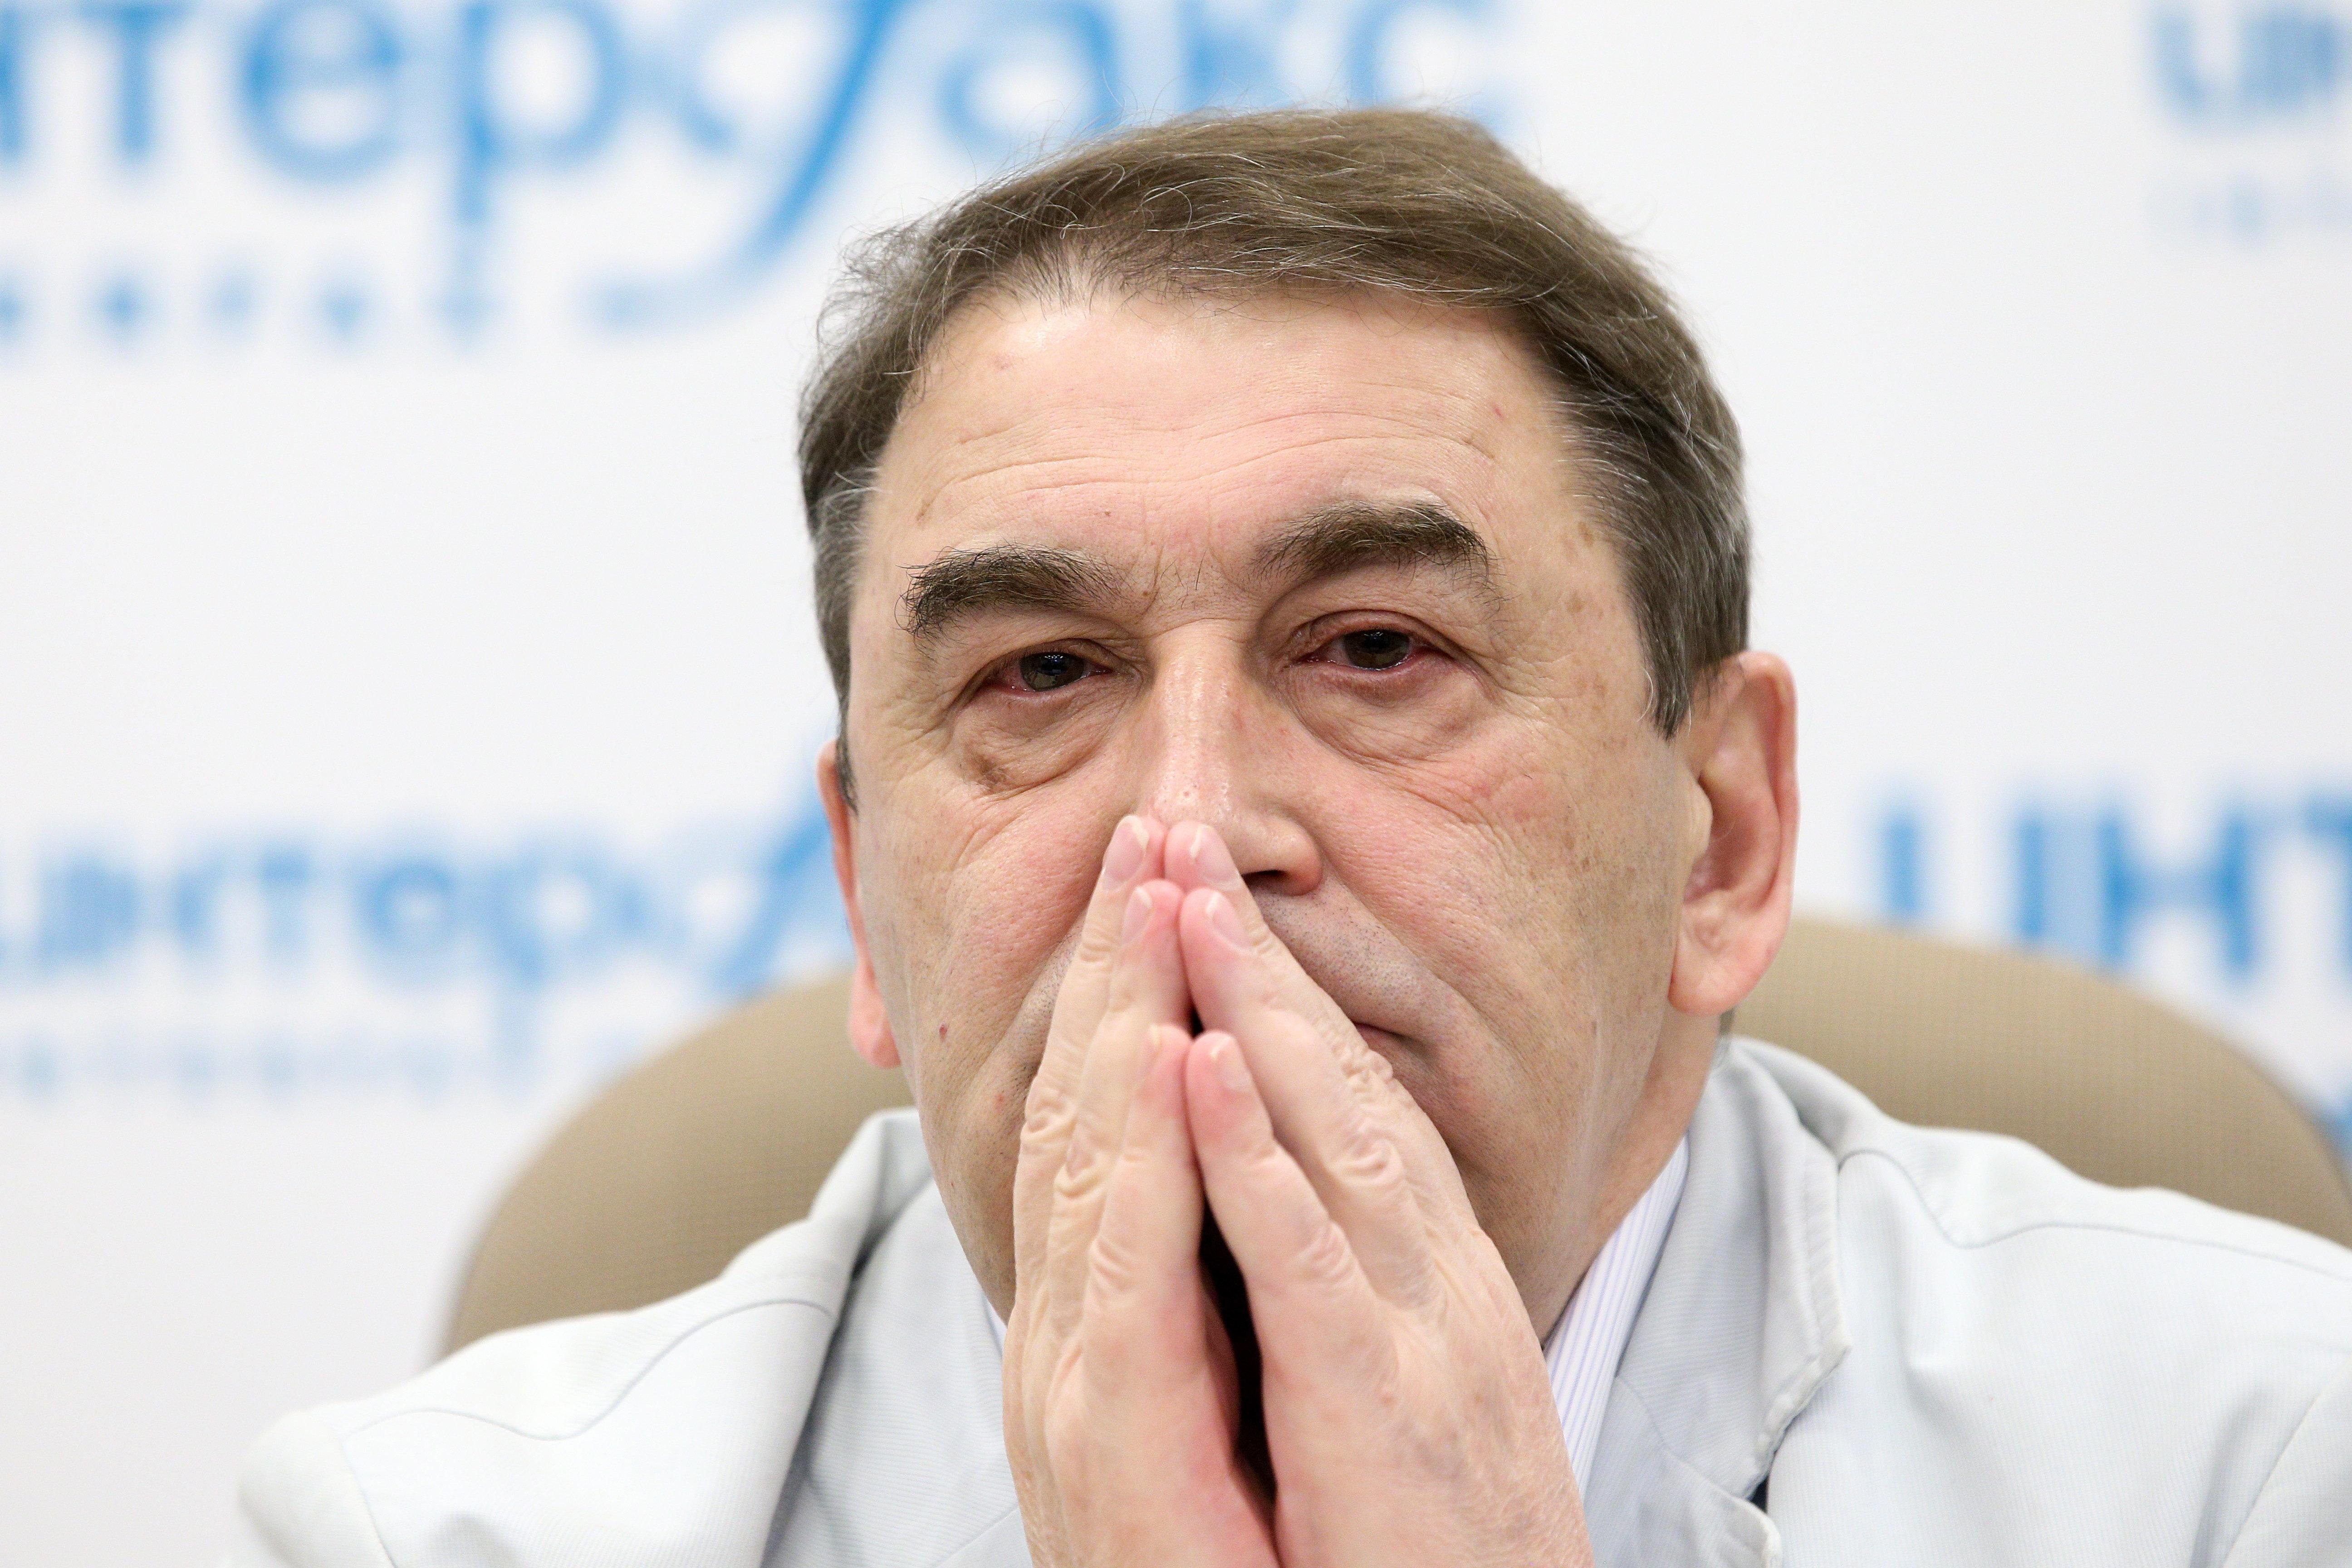 Δημοκρατία στα χρόνια του Πούτιν; Ενας πρώην υπουργός Οικονομικών της Ρωσίας απαντά στη